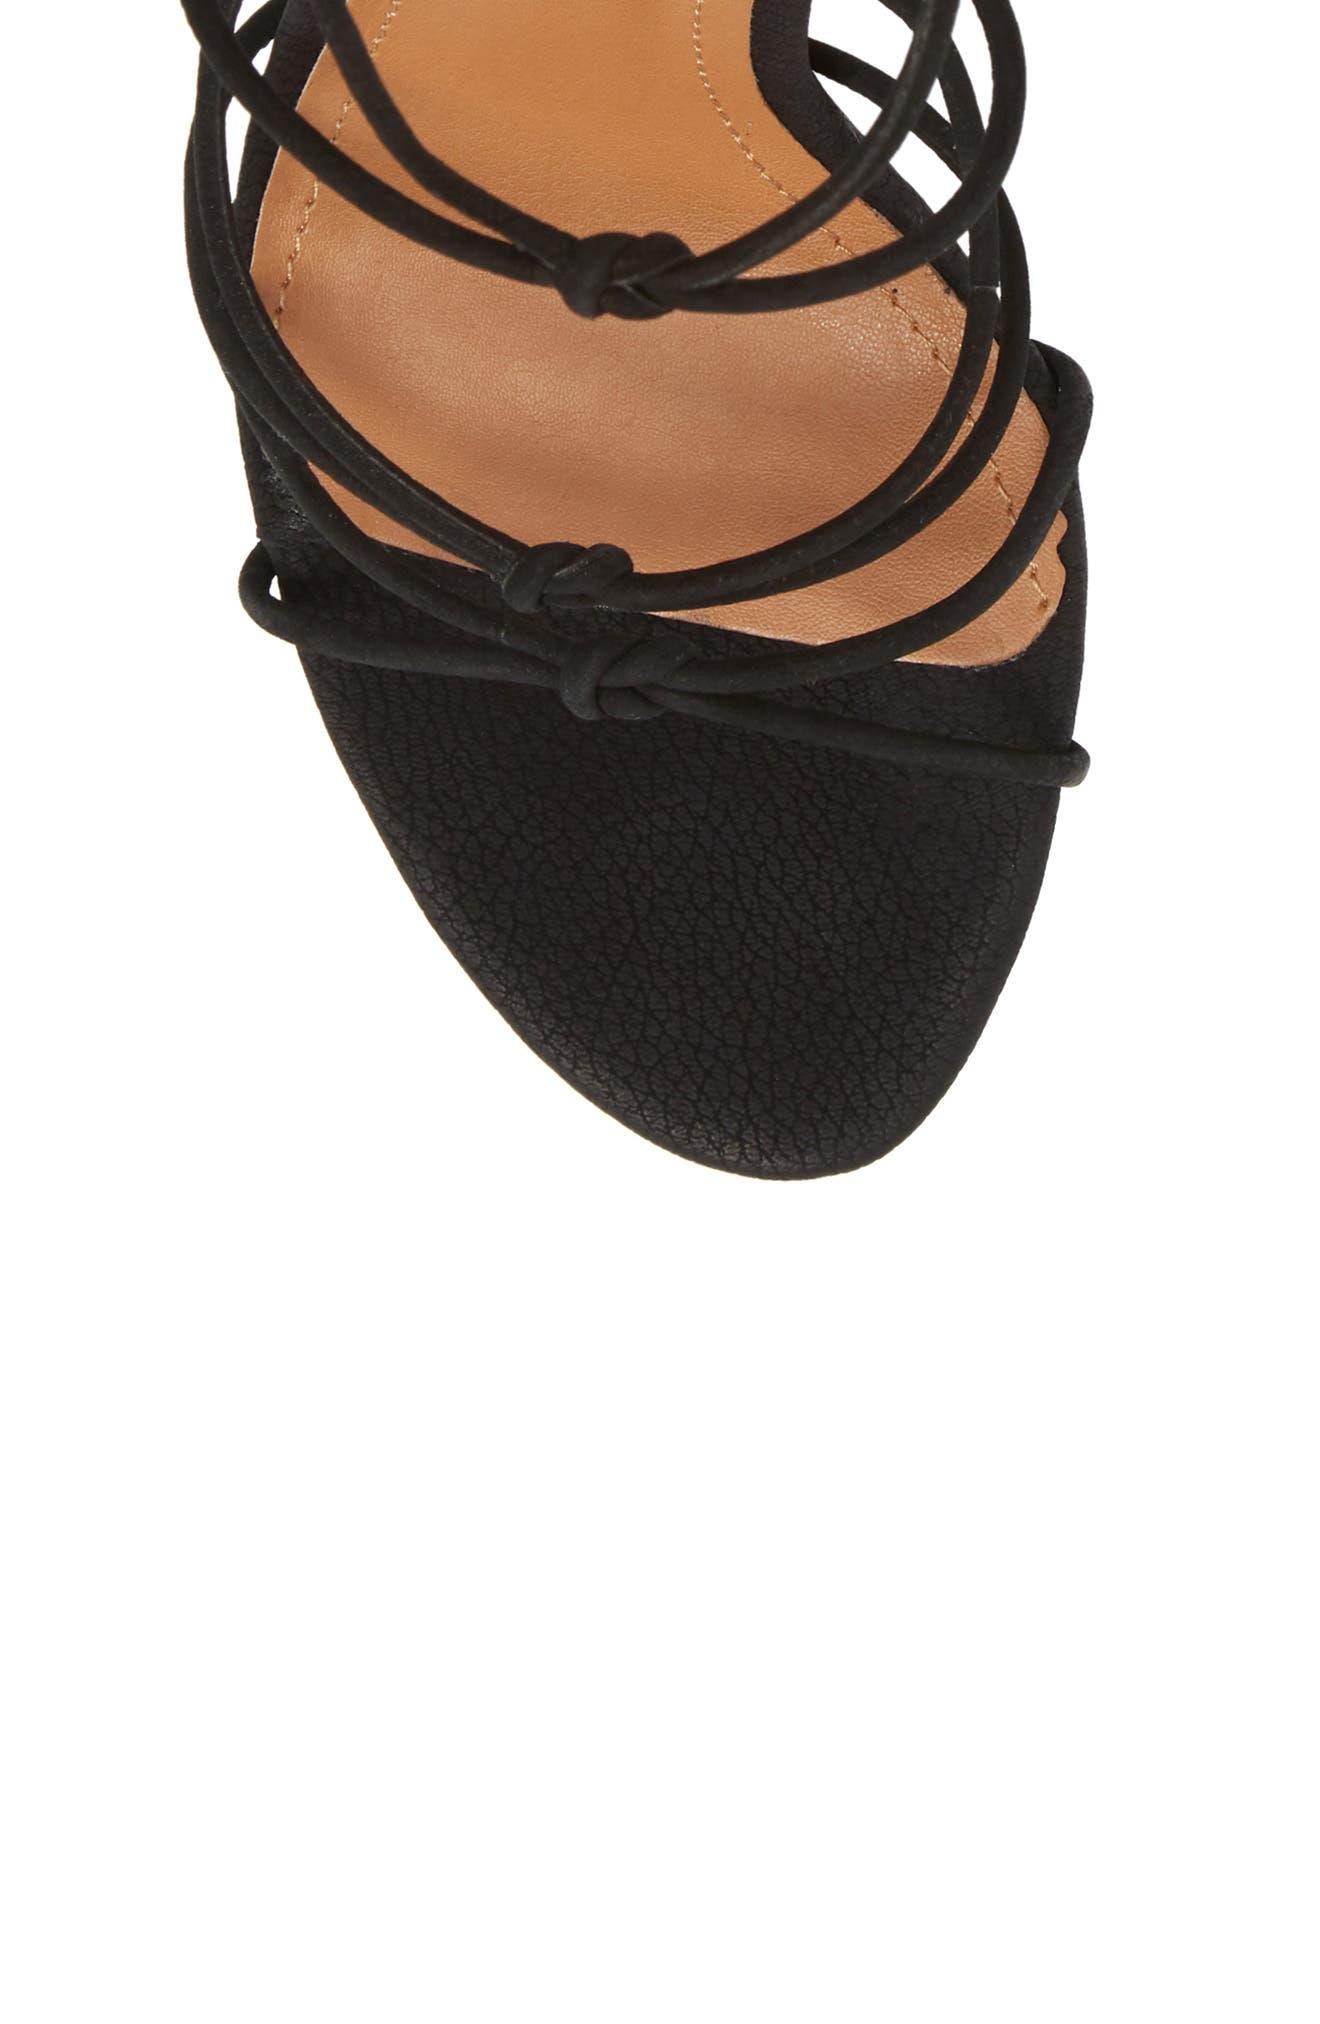 Bordega Ankle Wrap Sandal,                             Alternate thumbnail 5, color,                             BLACK LEATHER